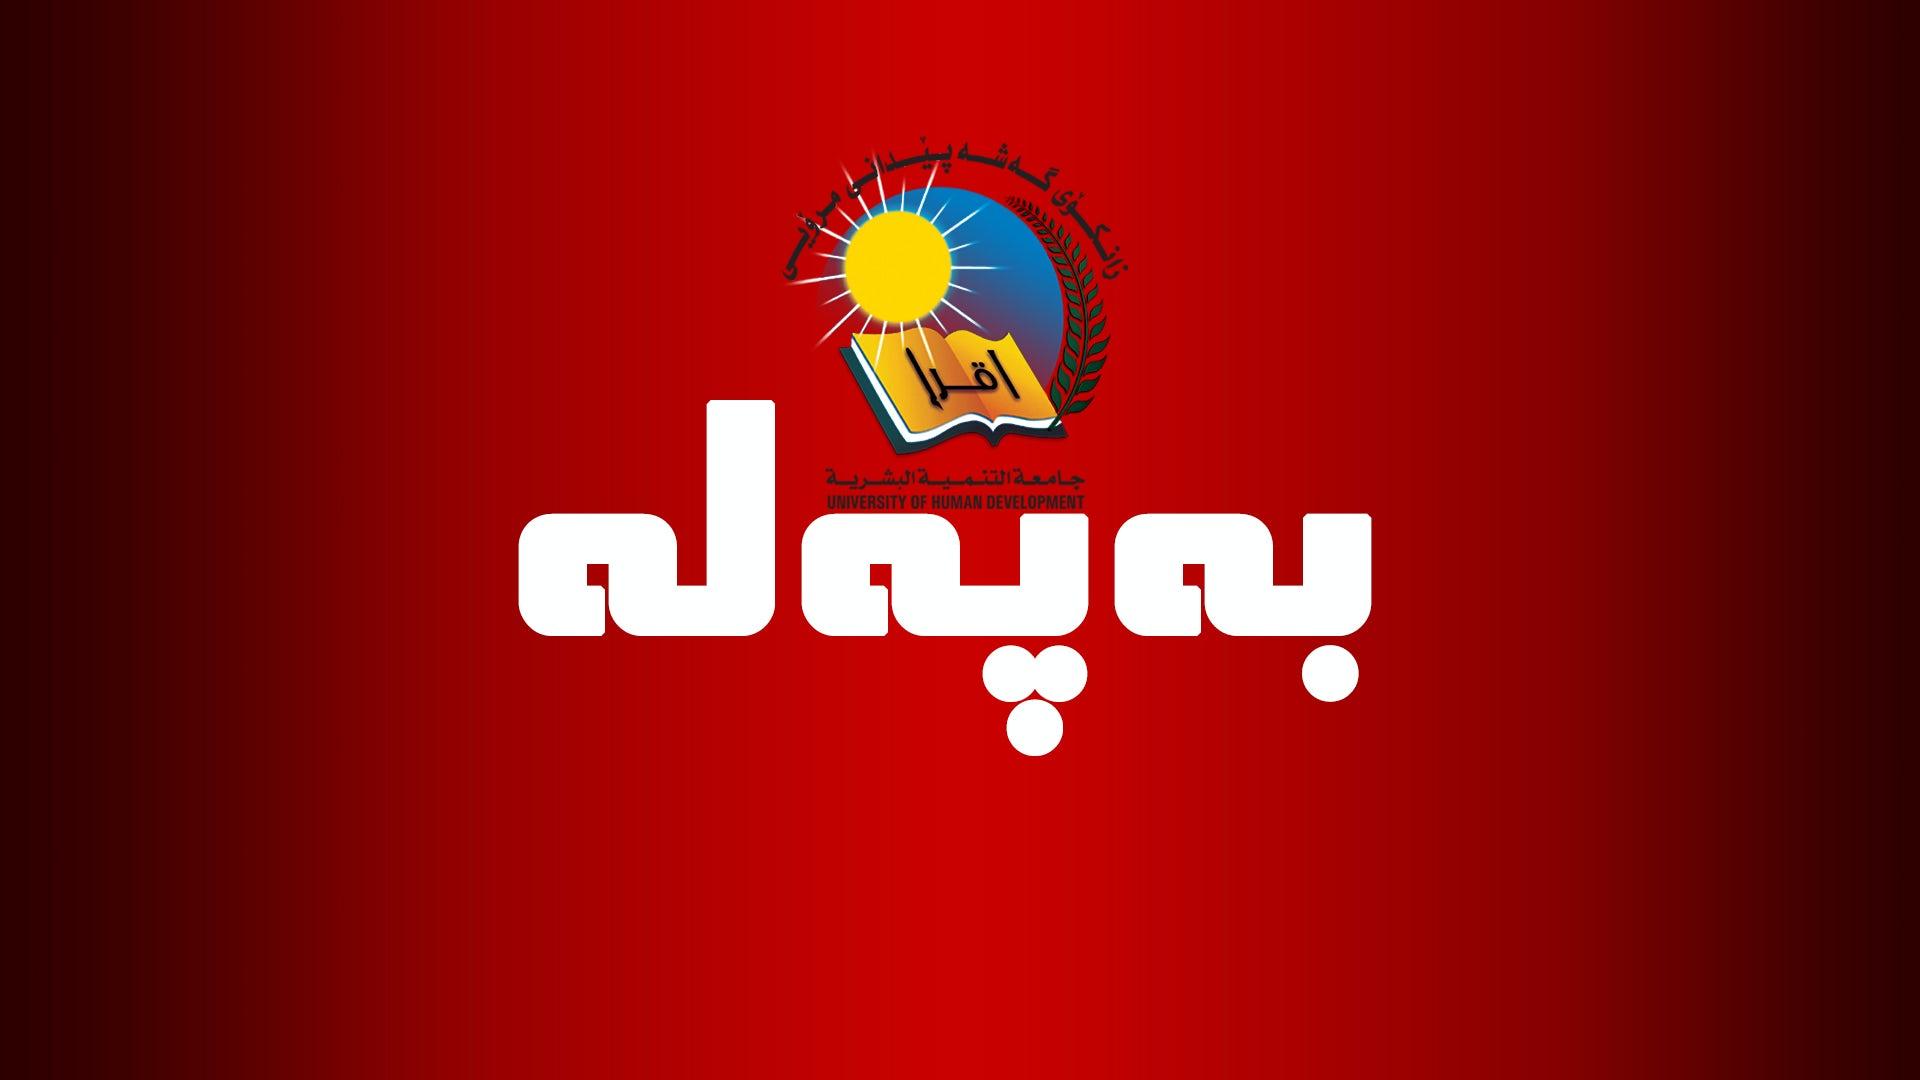 Logo 1537172619.jpg?ixlib=rb 1.1